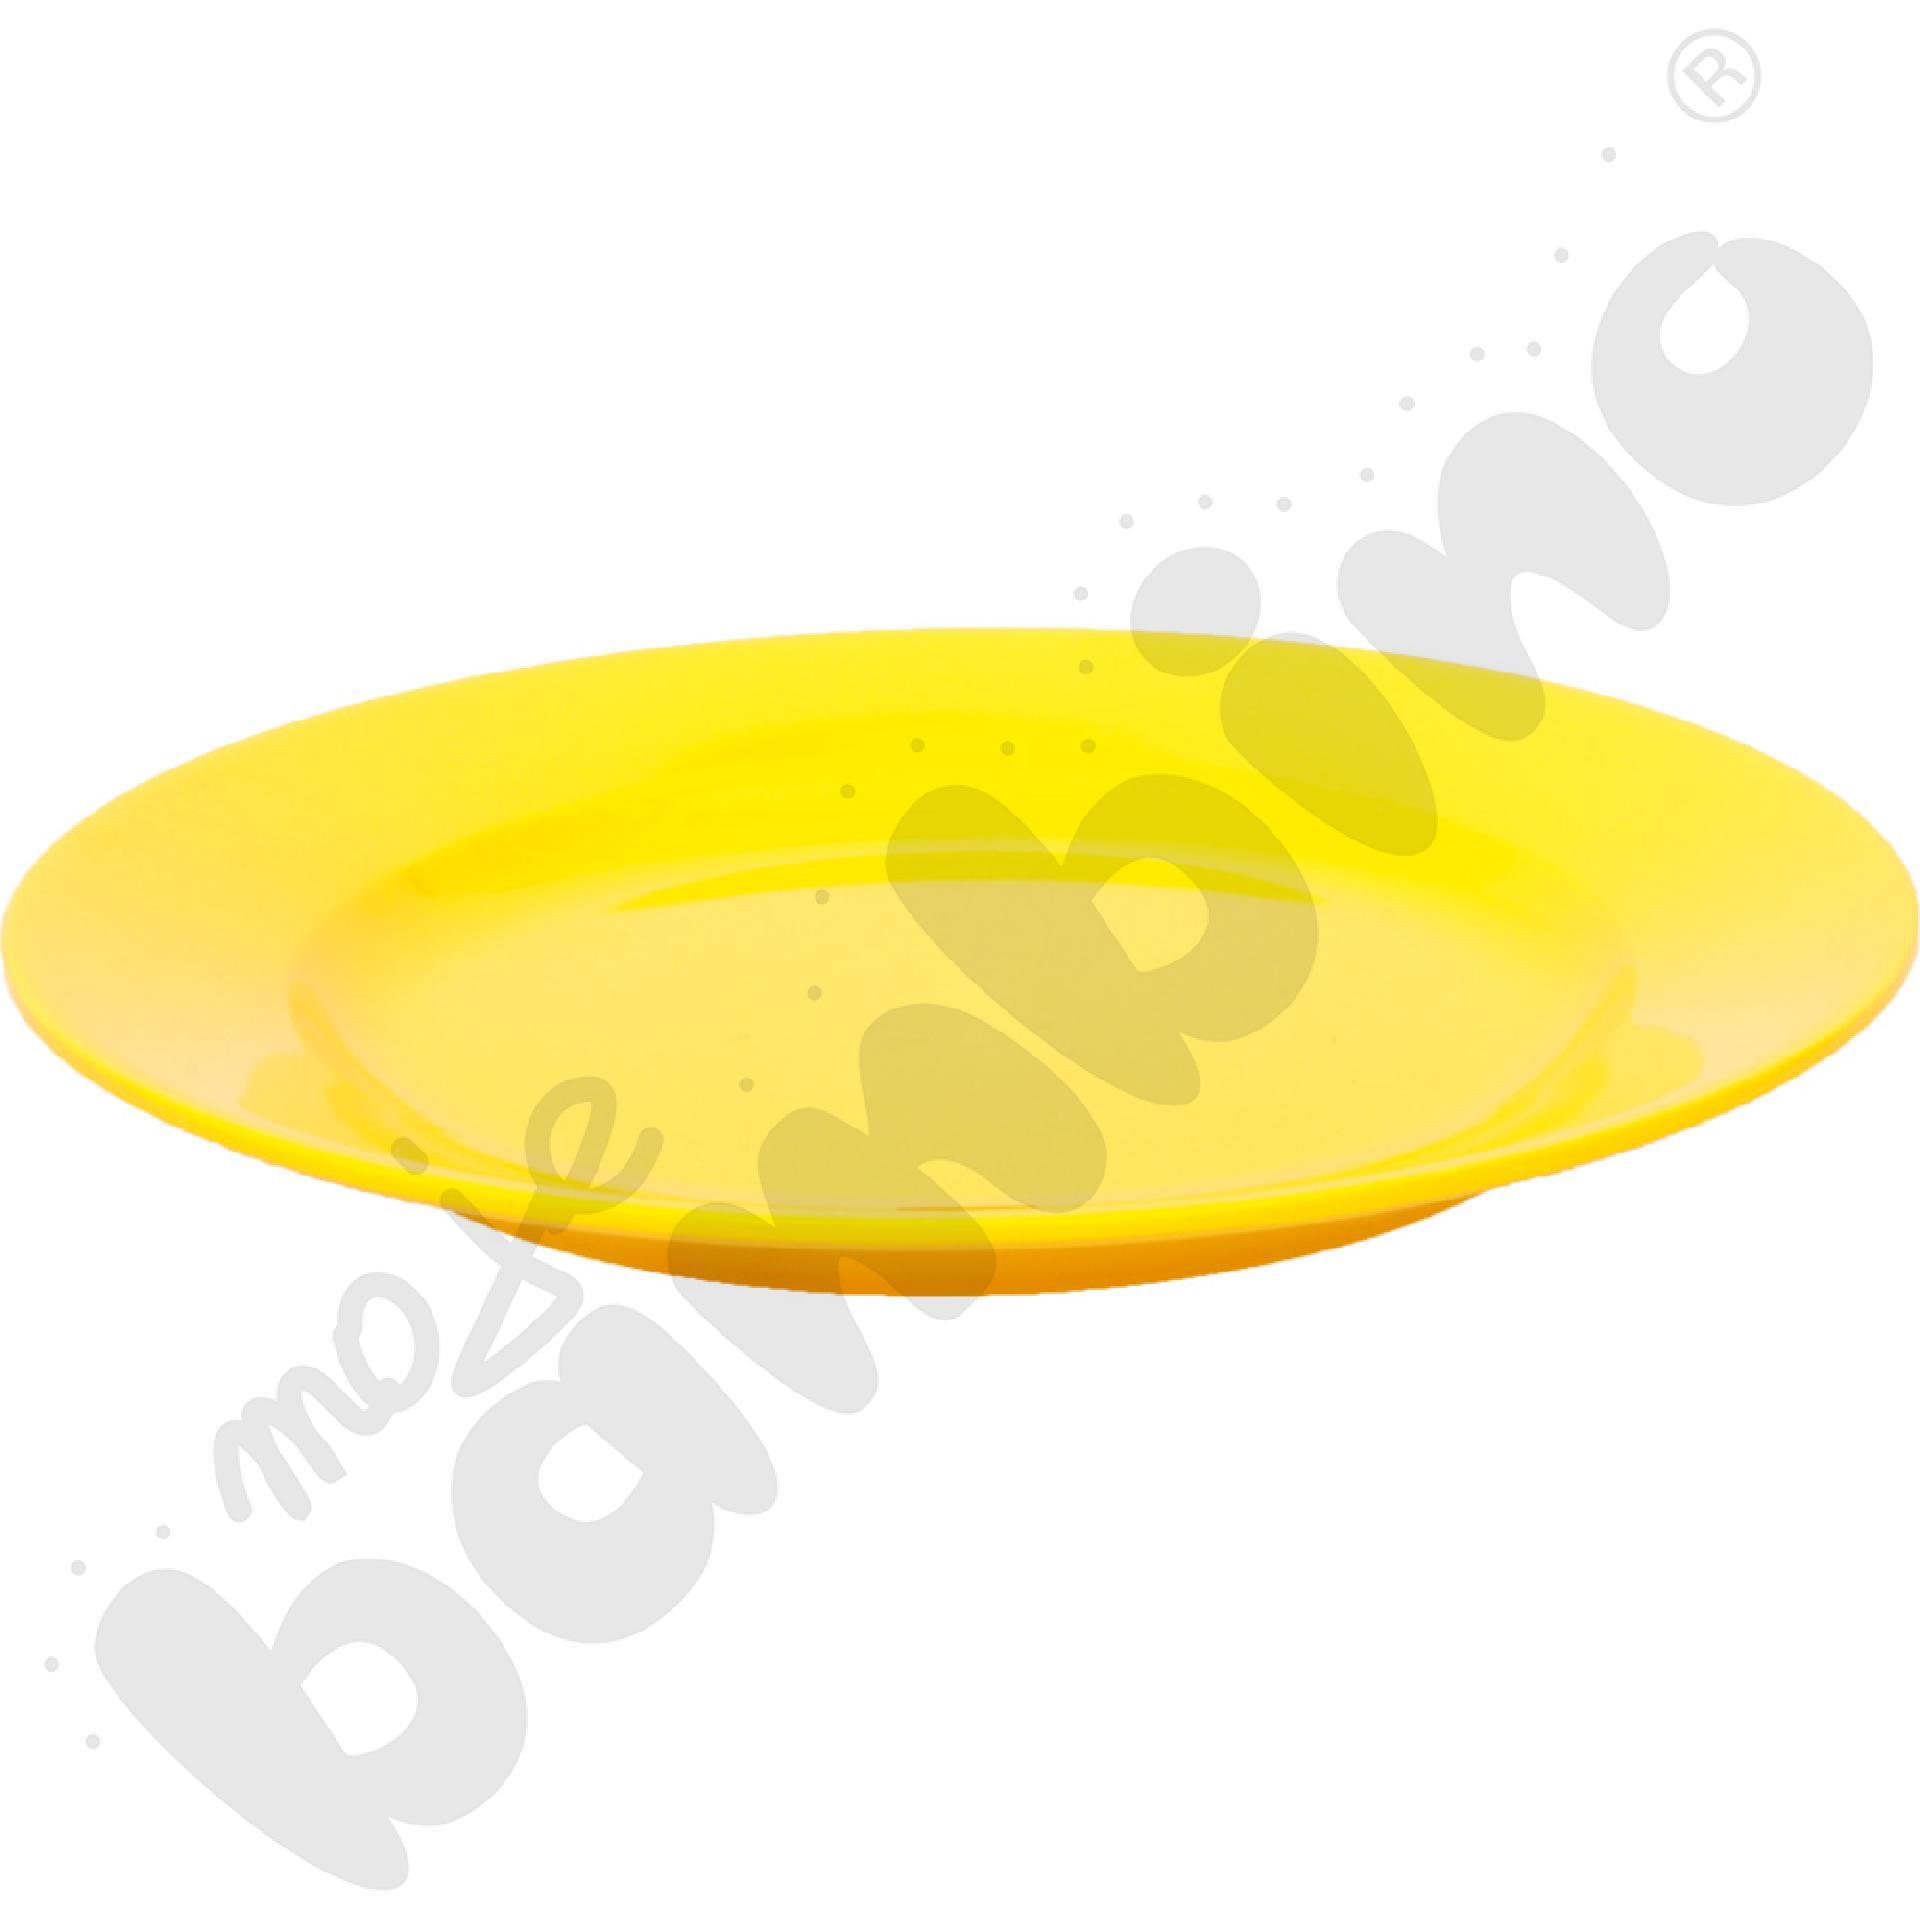 Płytki talerz 23 cm - żółty